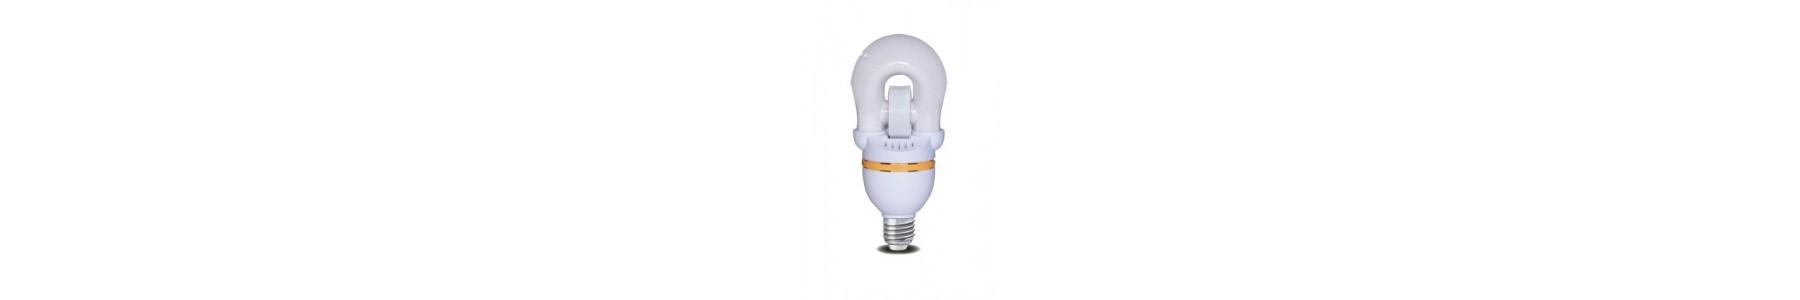 Indukční žárovky